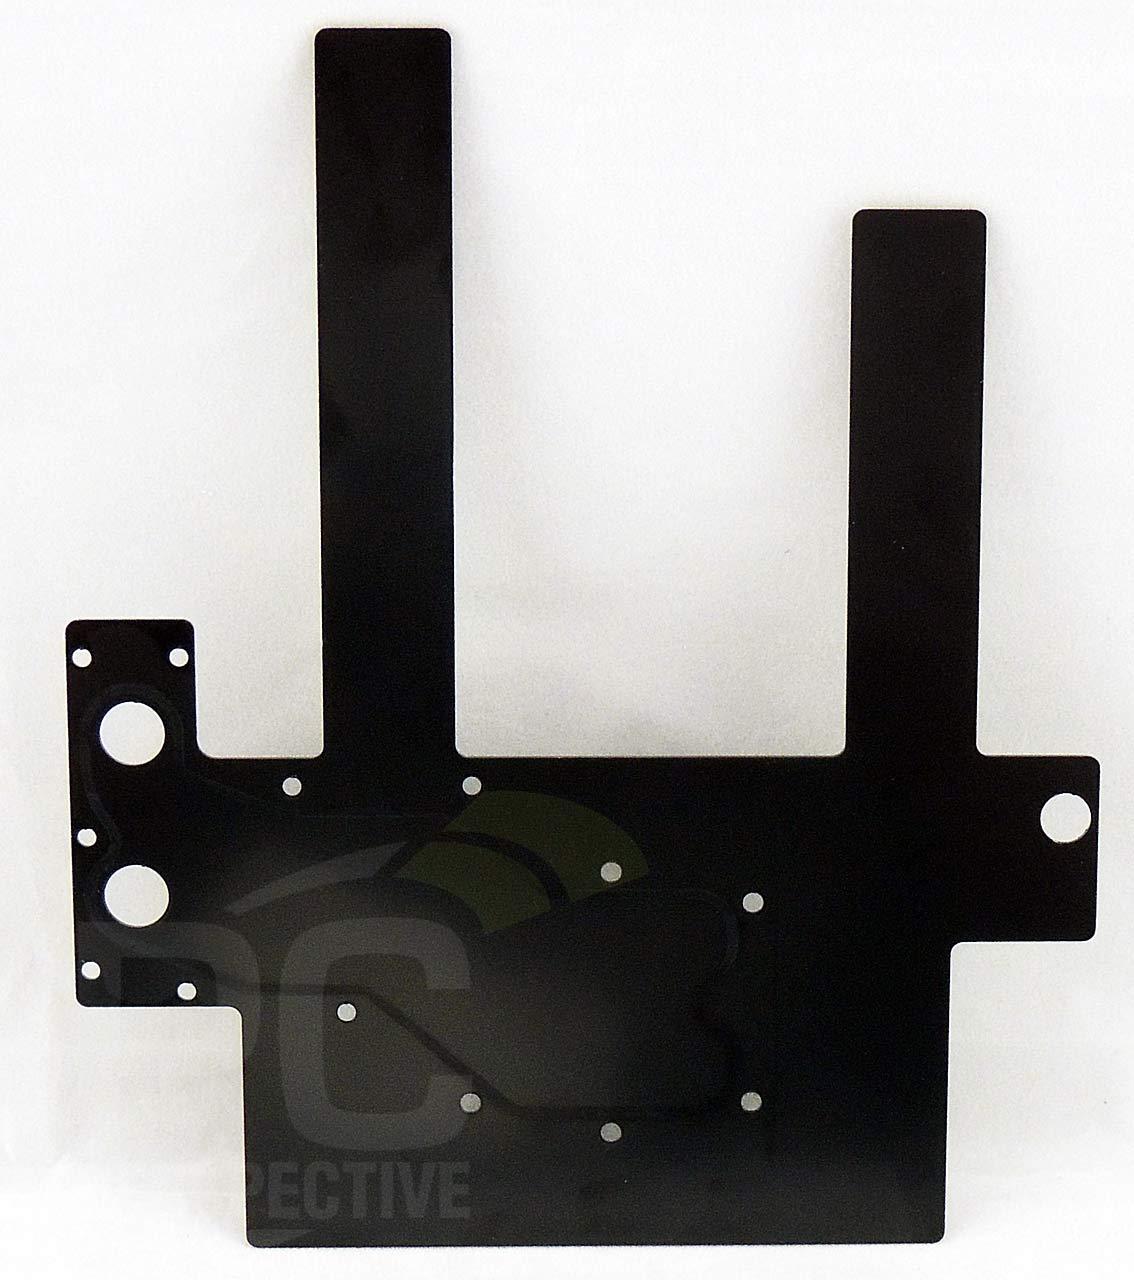 06-chipset-block-topplate-bottom.jpg